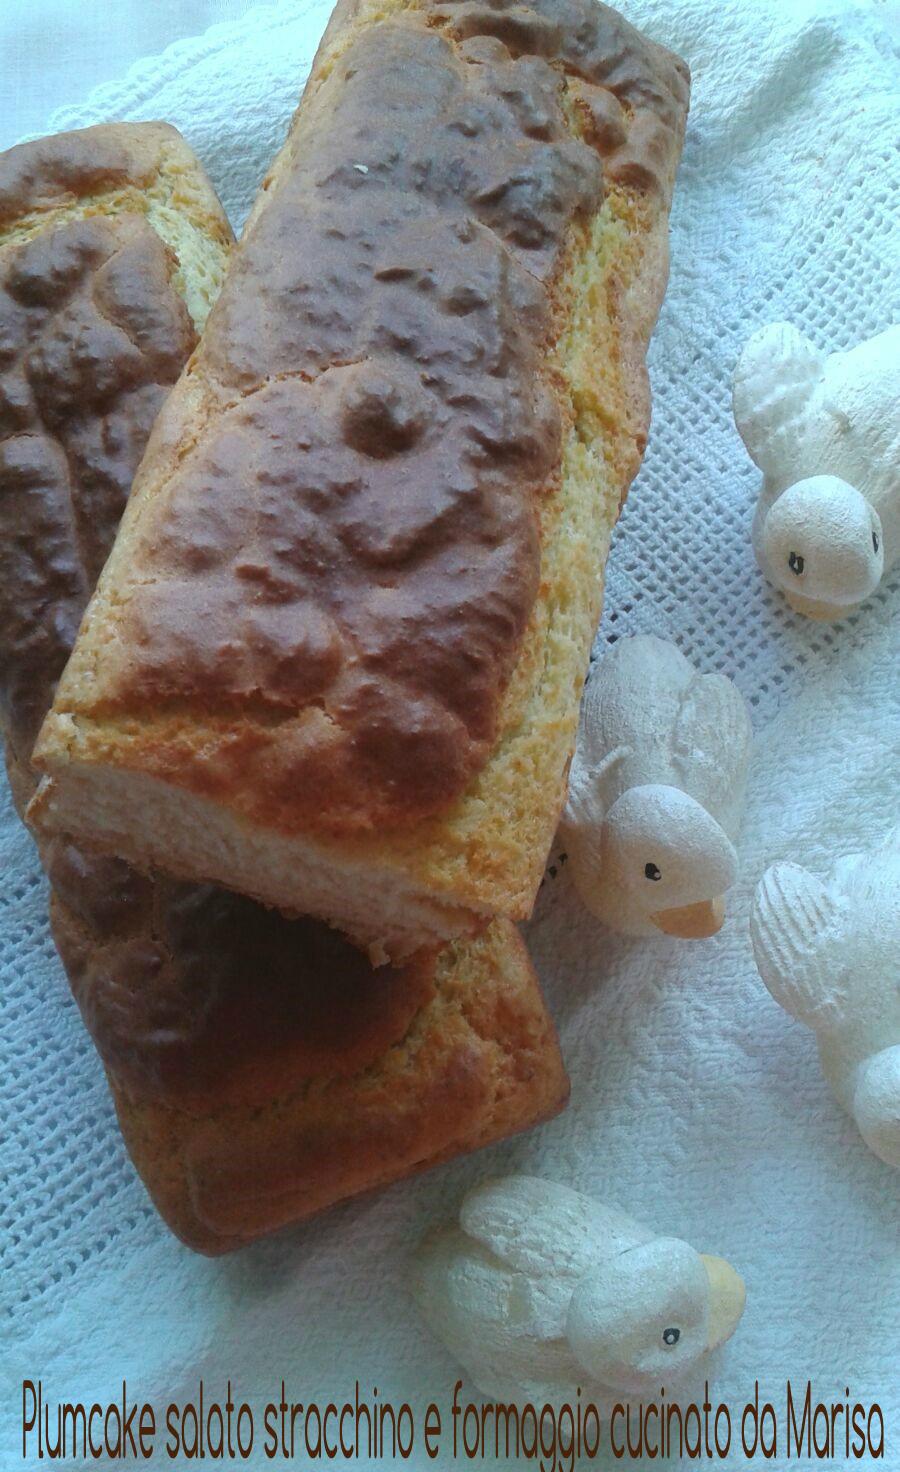 PLumcake salato stracchino e formaggio_Marisa